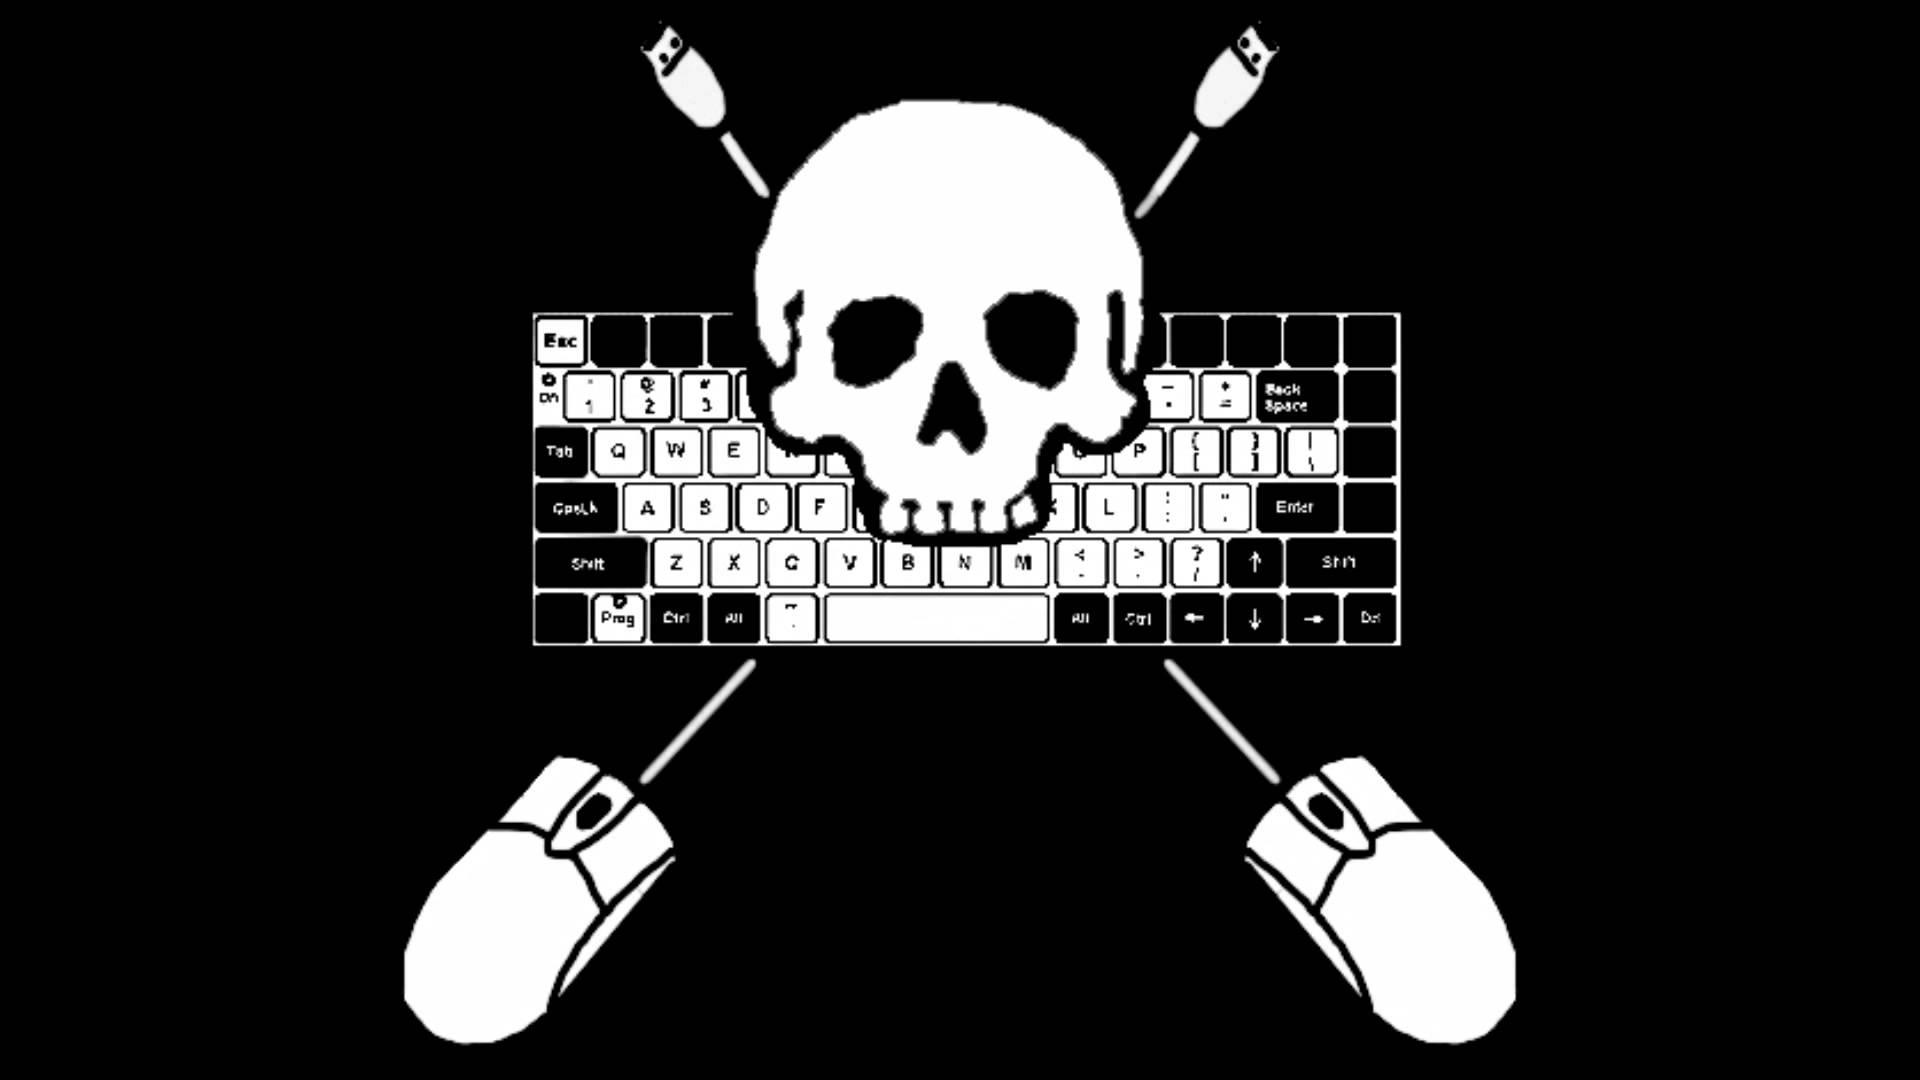 Korsan Oyunculuğun Sonu Geliyor! korsan oyunculuğun sonu geliyor Korsan Oyunculuğun Sonu Geliyor! maxresdefault